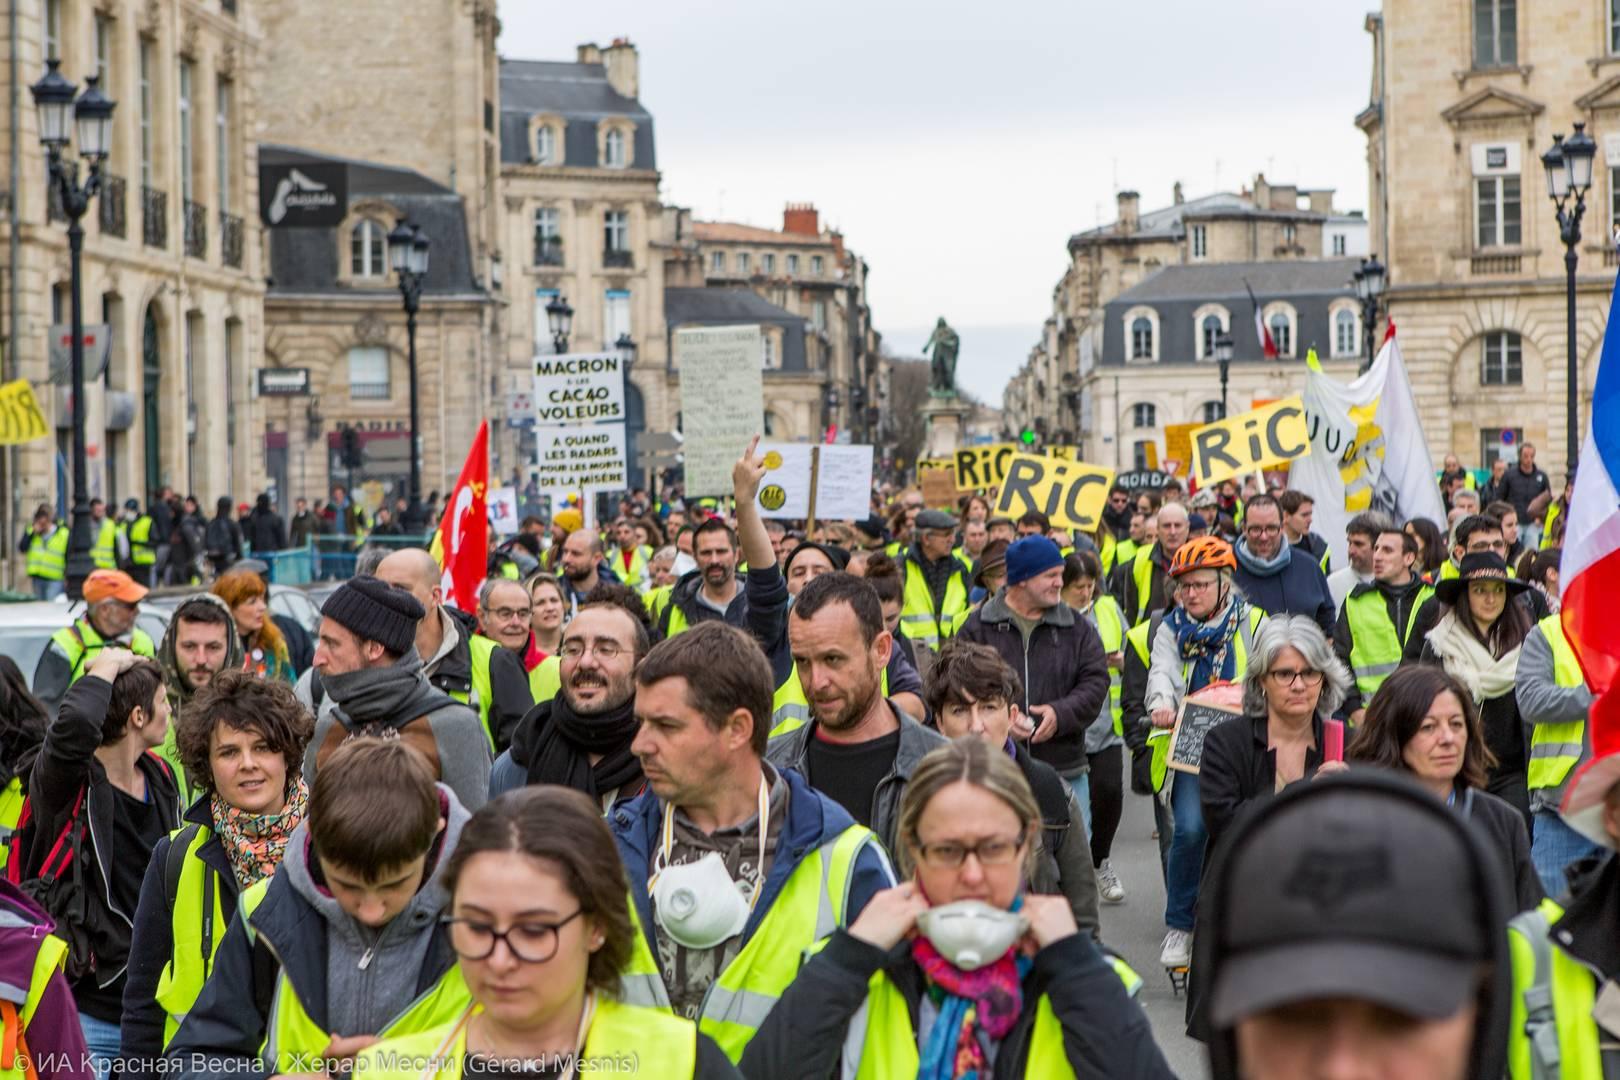 Протестующие несут множество плакатов RiC (Rassemblement pour l'Initiative Citoyenne - народный референдум – прим.), призывая решать вопросы народным голосованием